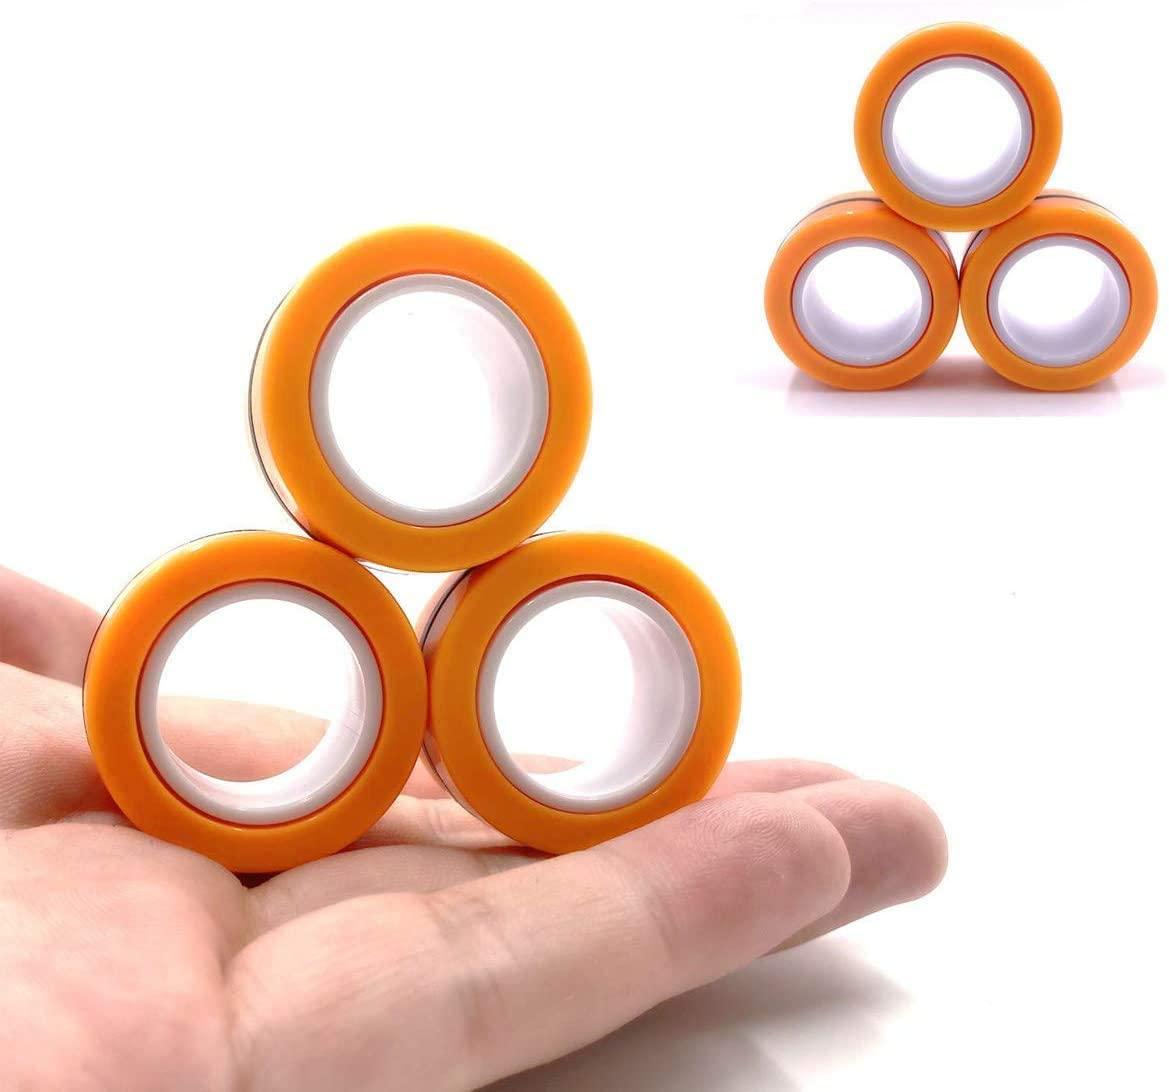 Zoin Random Color Magnetic Ring, Magnetic Finger Tip Toys,Decompression Ring Game, Magic Ring Game, Magnet Bracelet, Colorful Unzip Finger Game Finger Toy (Orange)